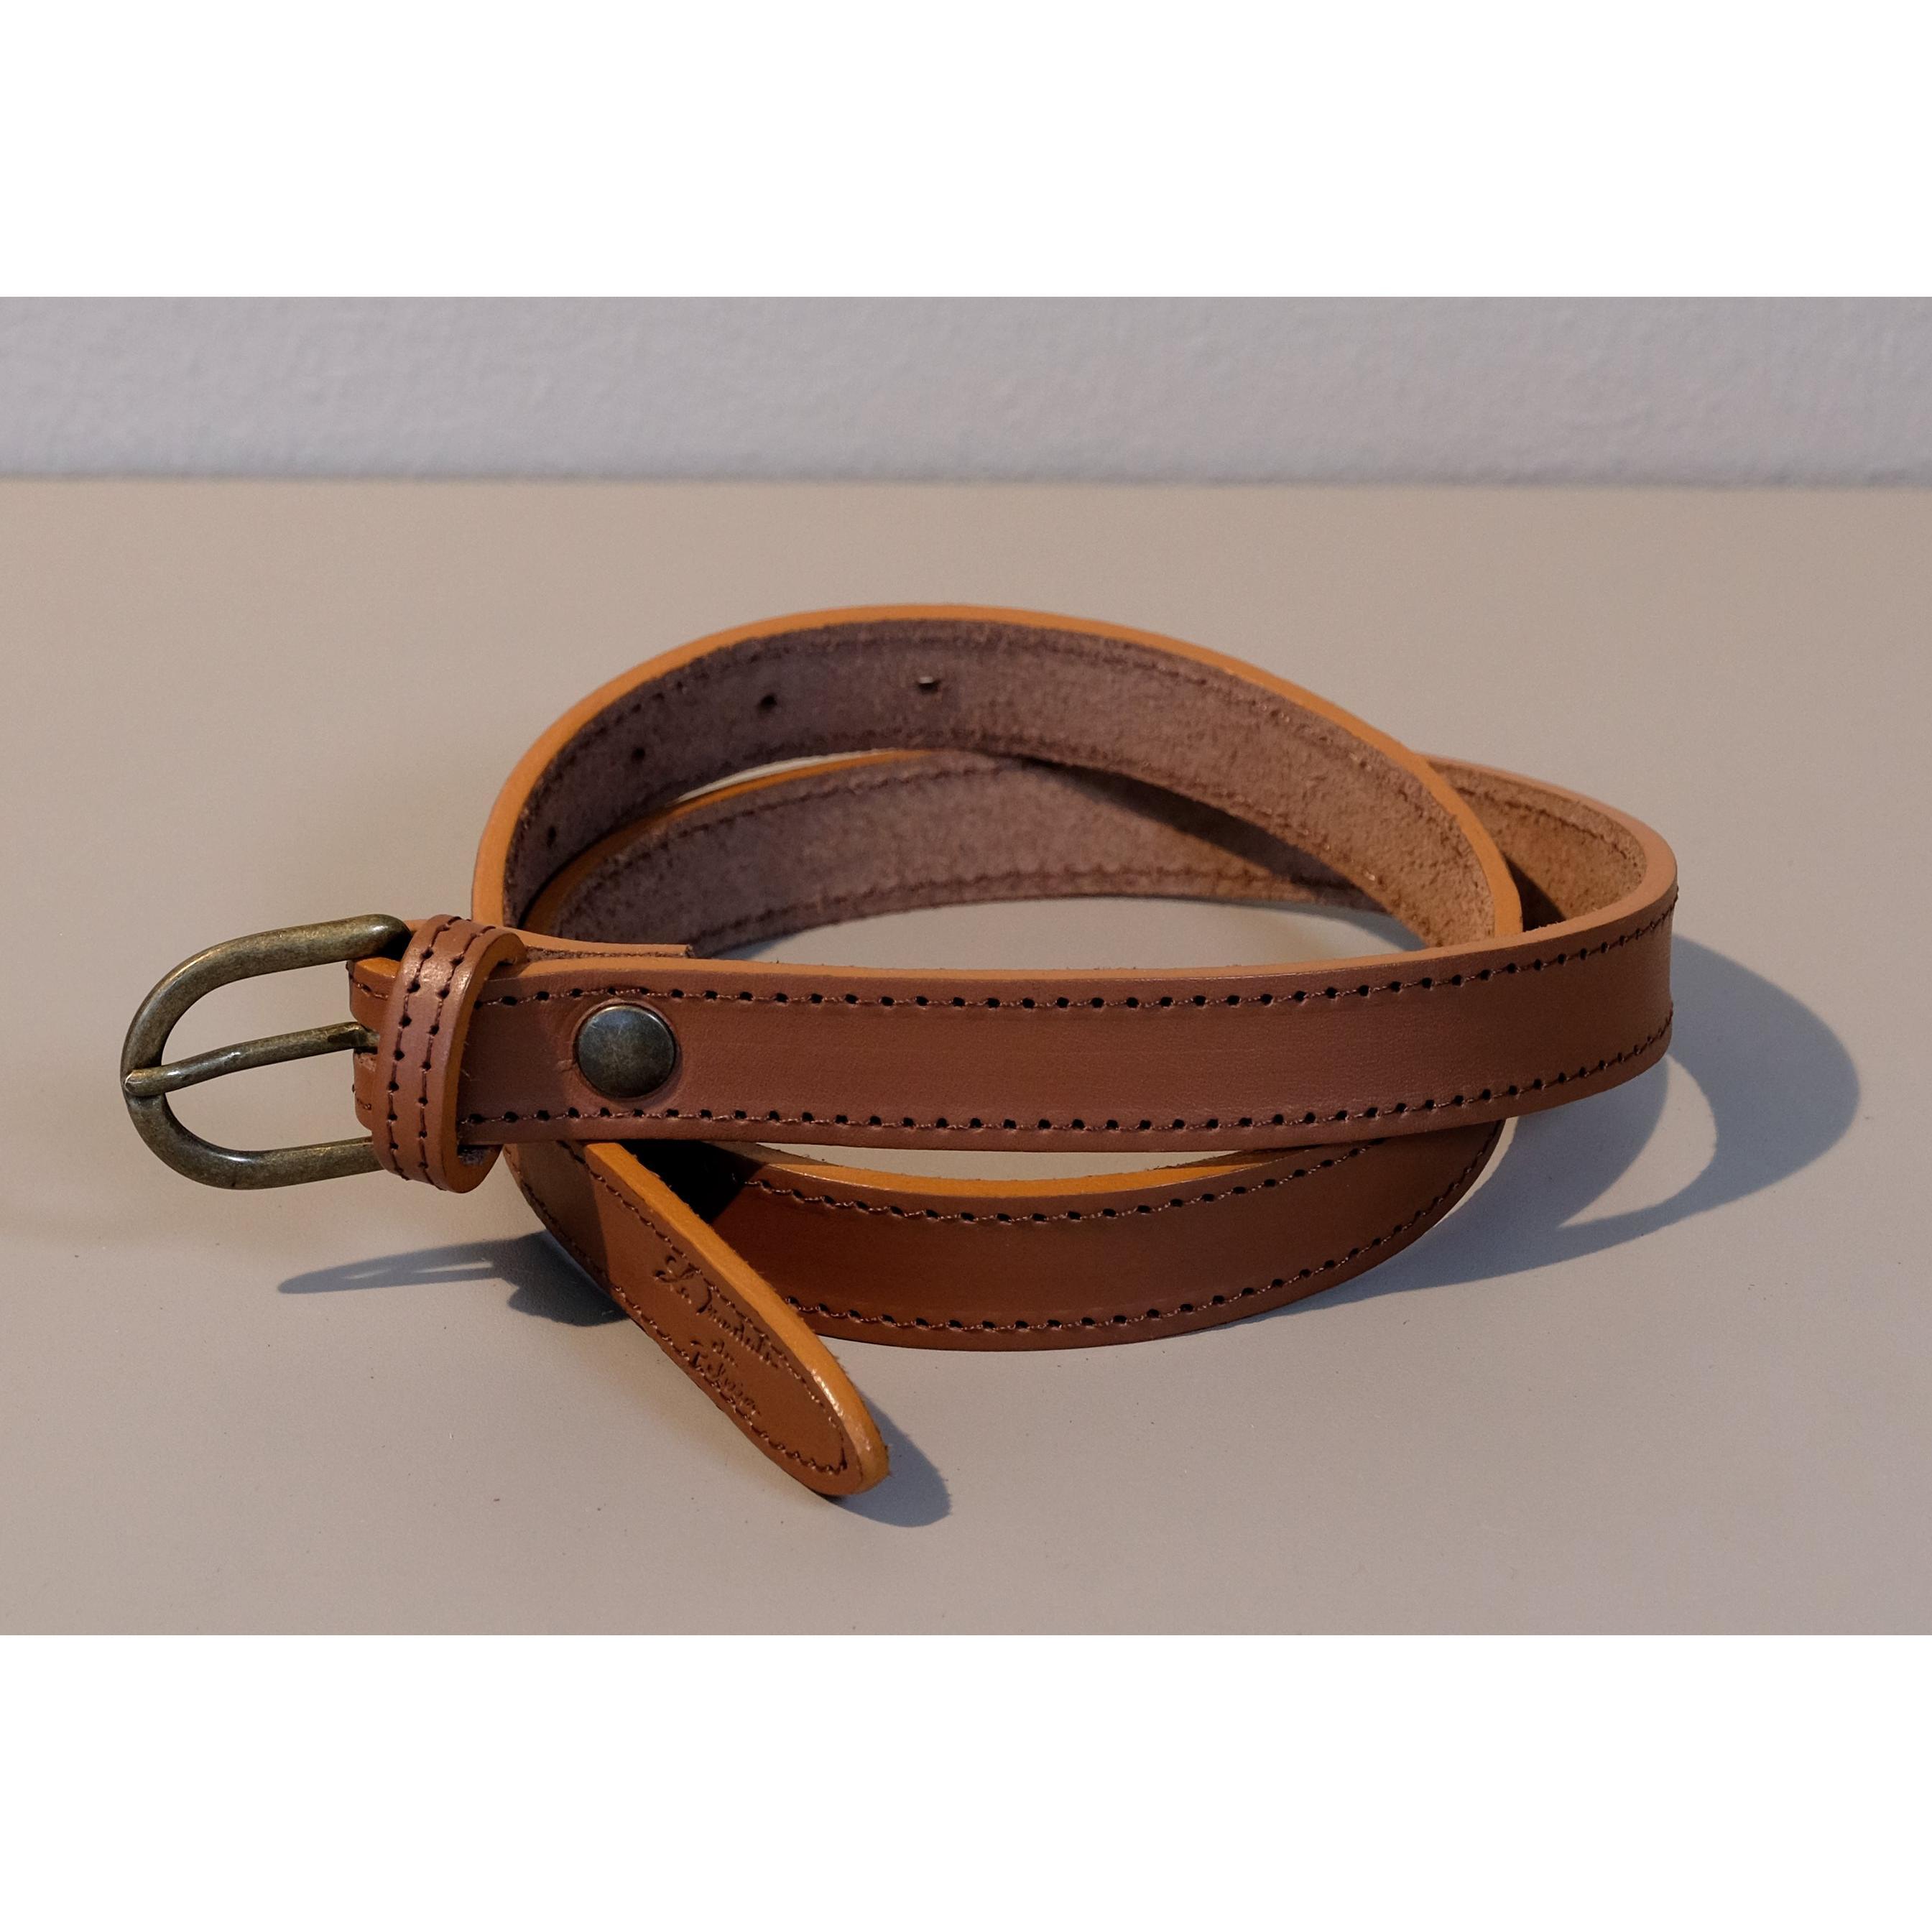 332c3985ef92 ceinture rouge couture ceinture naturel couture 2cm  ceinture celadon couture 3 cm ceinture brun couture 3cm ceinture -avec-coutures-boucle-ronde-cuir-800